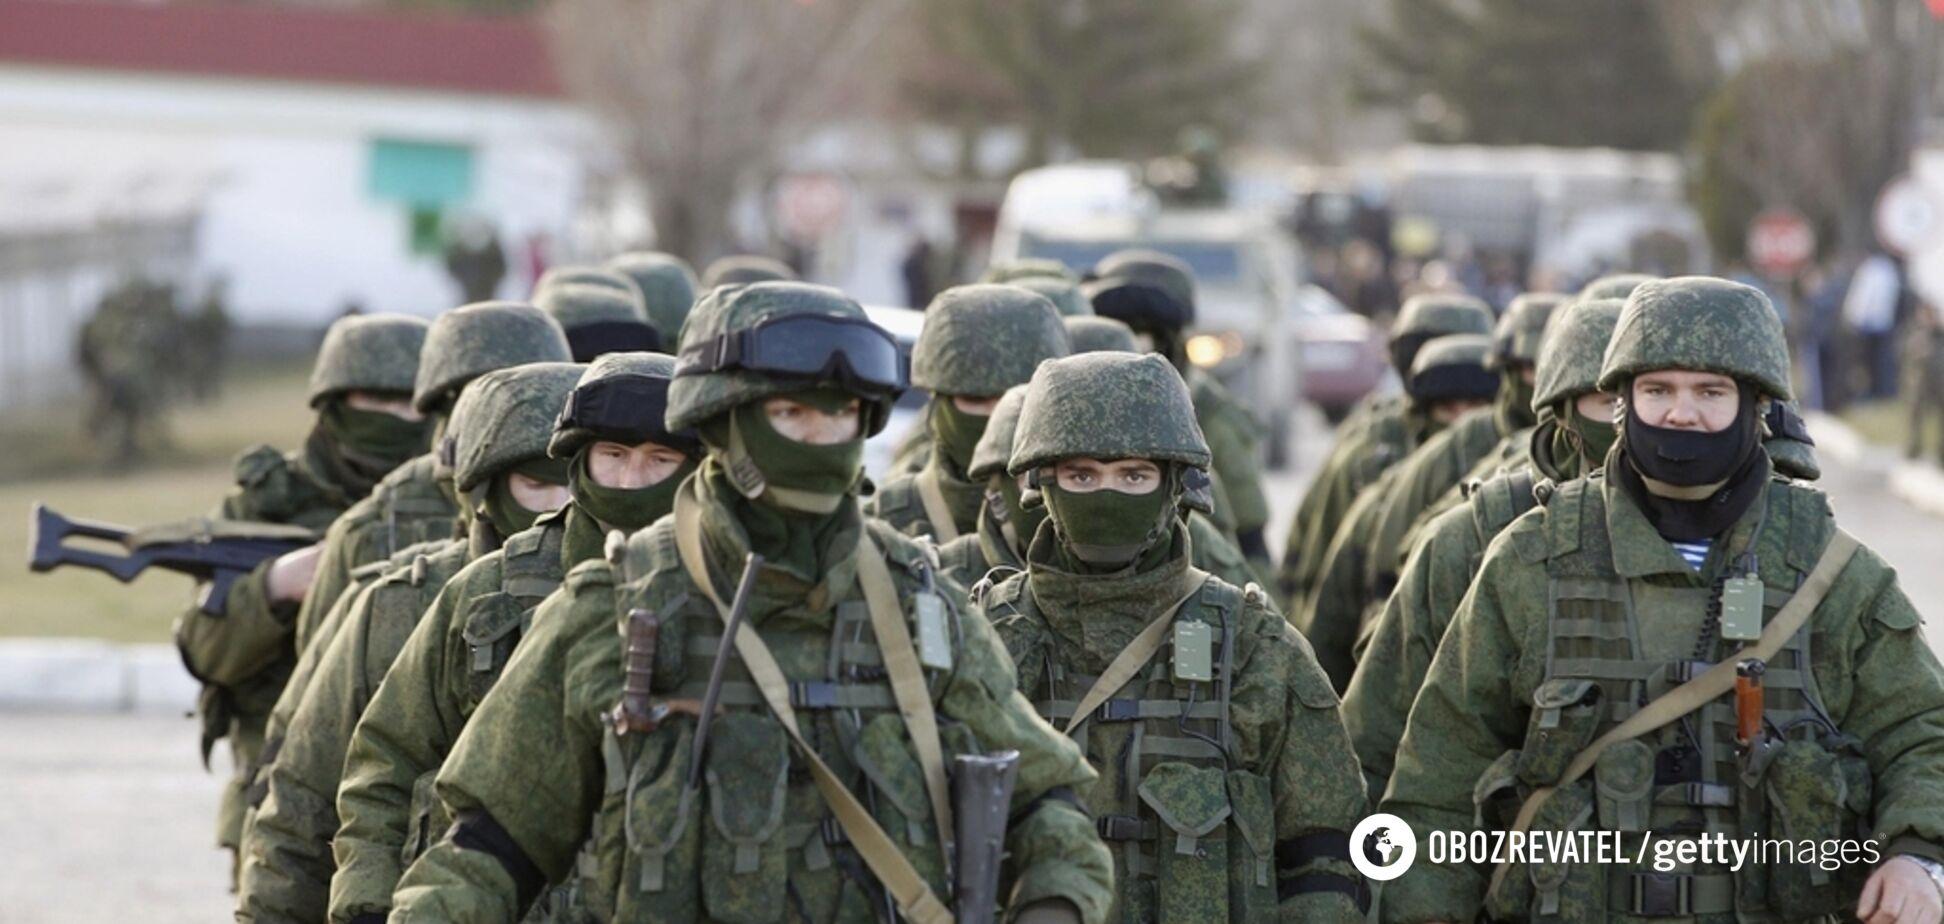 ''Не лізьте до України!'' Американський офіцер публічно звернувся до росіян